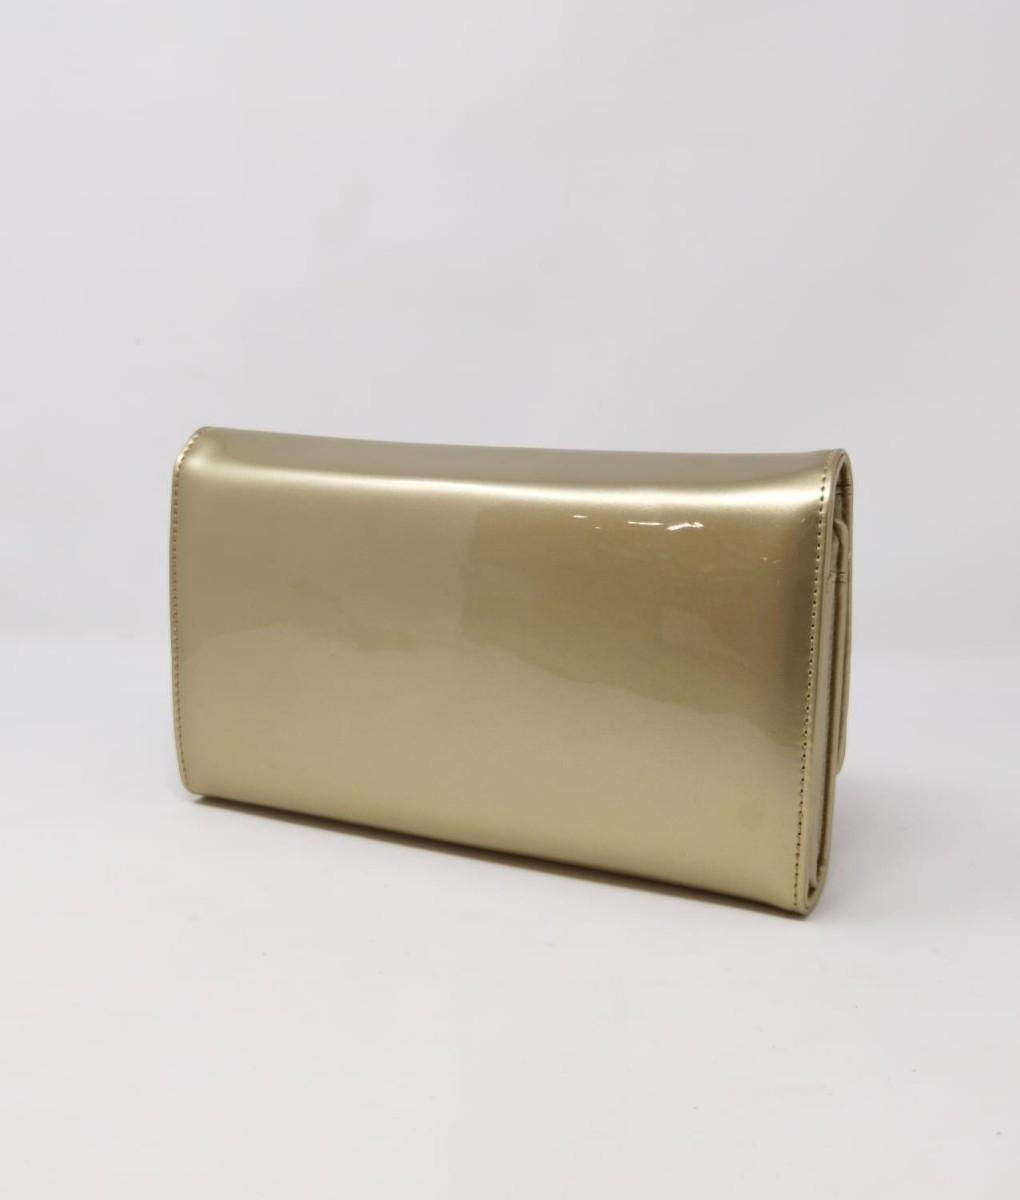 HANDBAG XAMY- GOLD